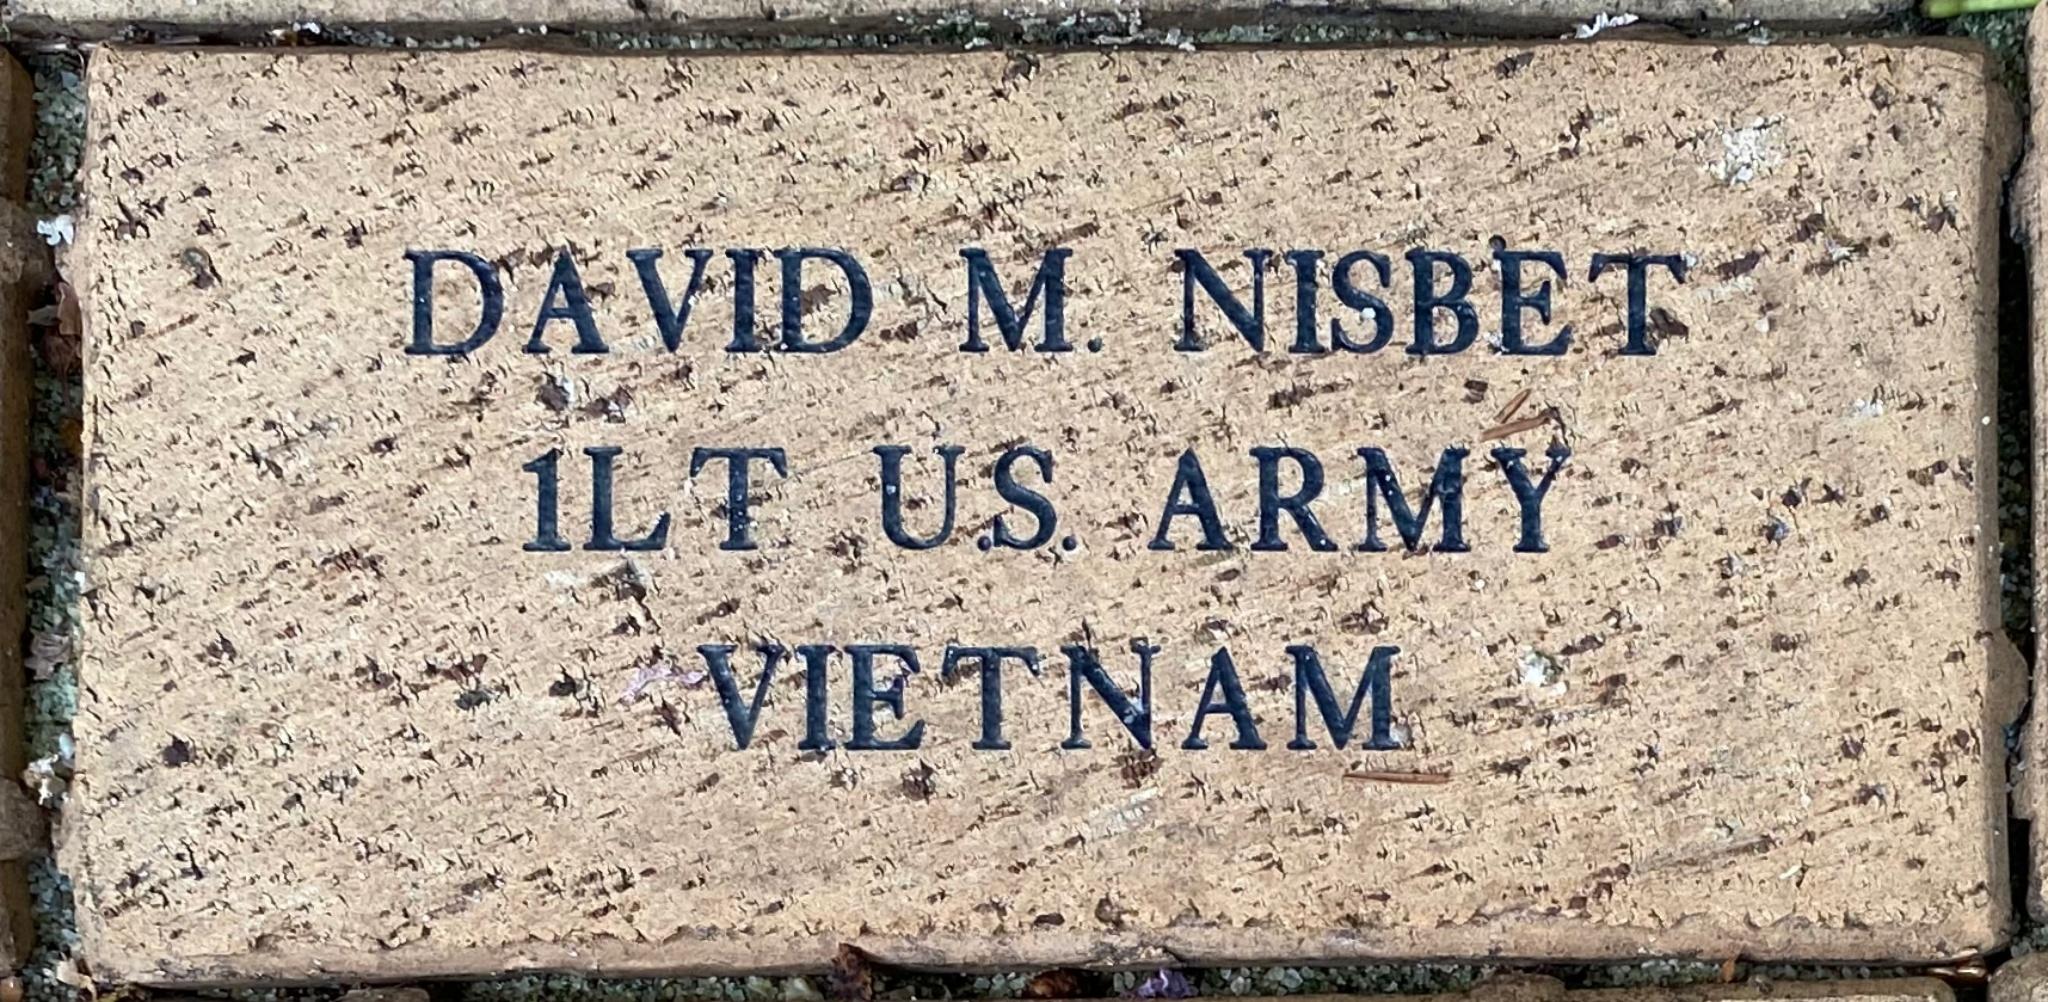 DAVID M. NISBET 1LT U.S. ARMY VIETNAM